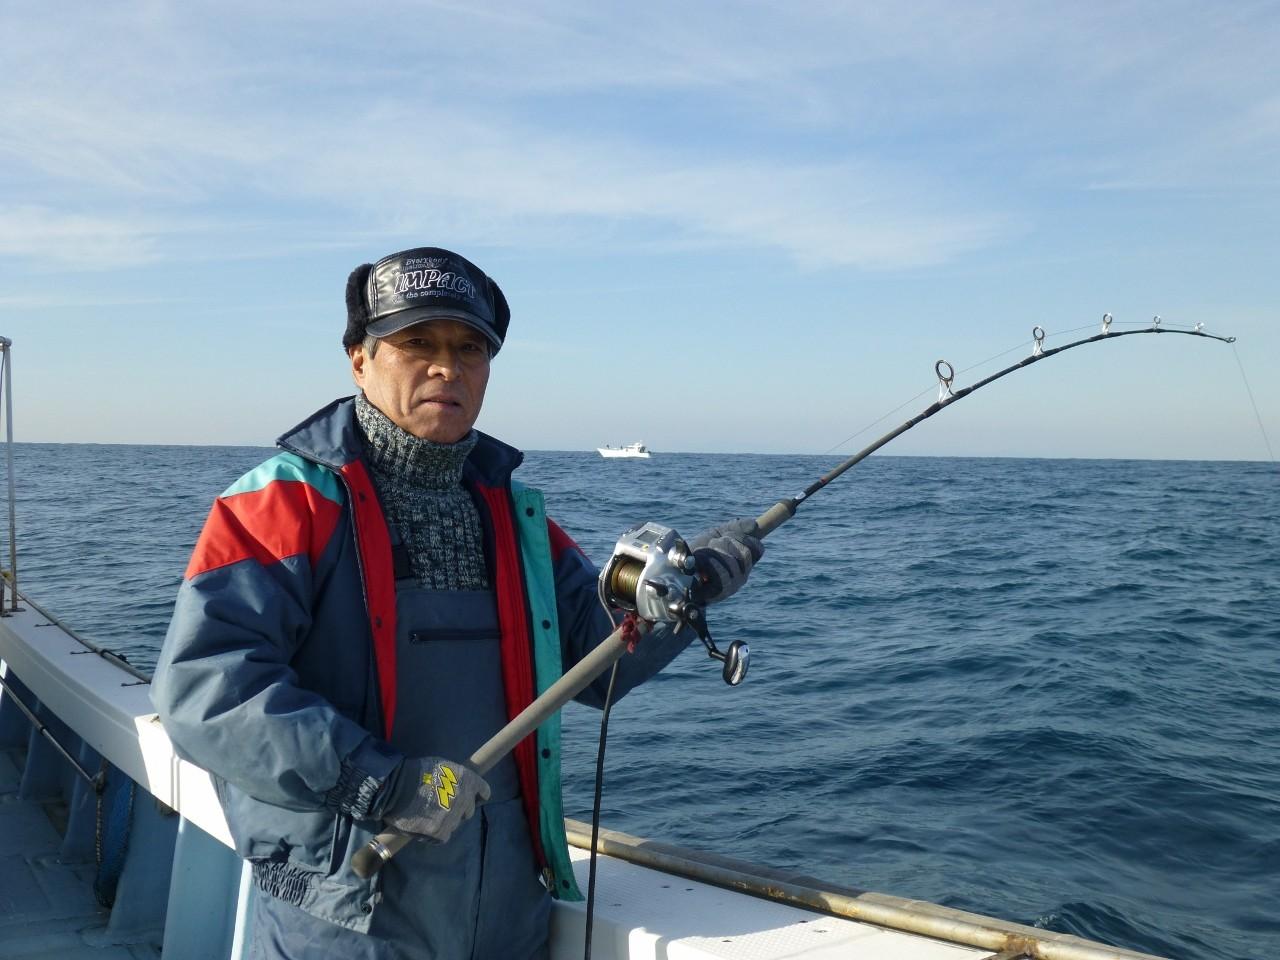 12月26日又も 重い当たり リーダが・・・・サンライズさんタイ釣り場まで遠征です